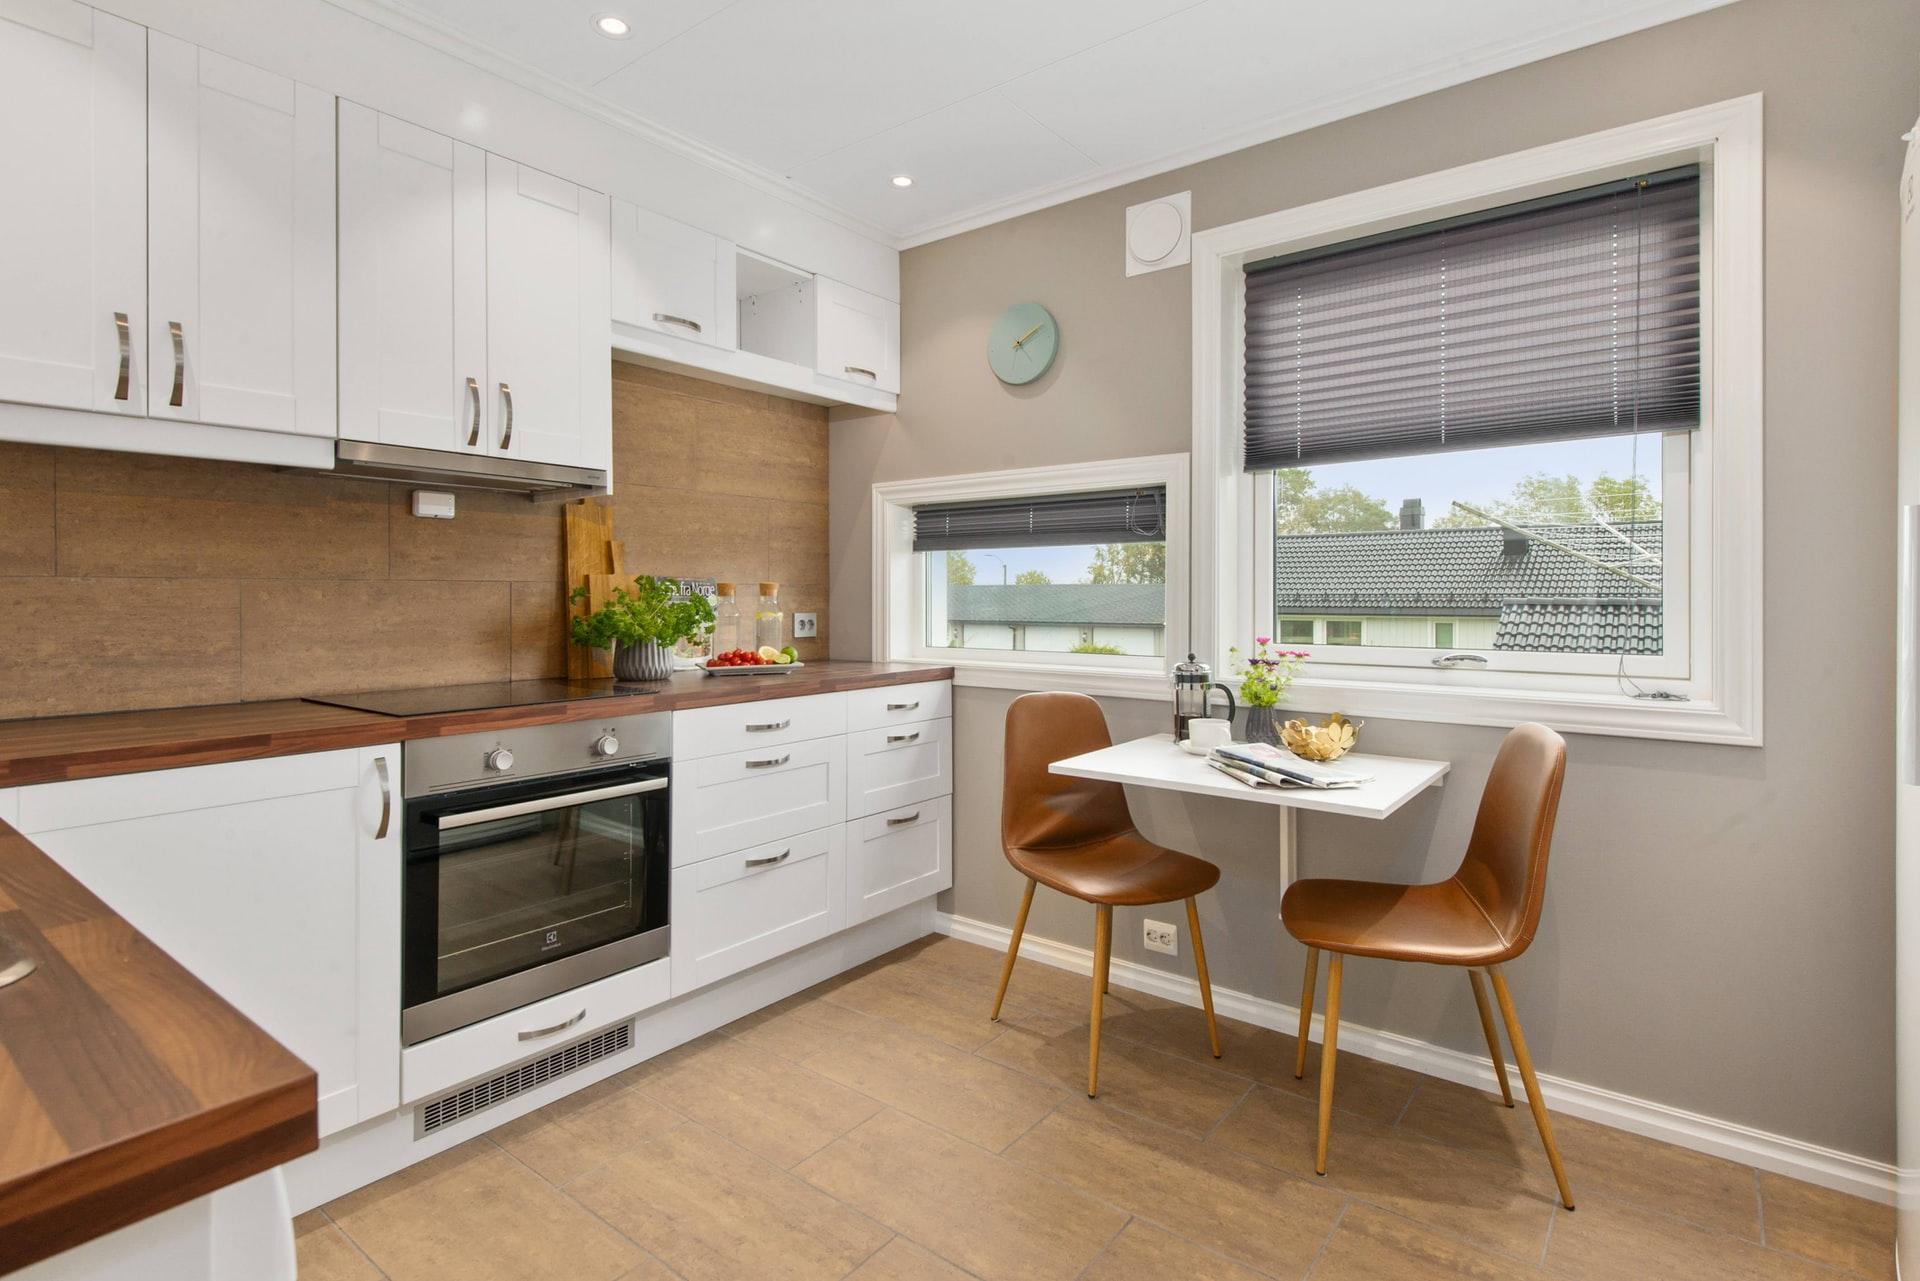 Na foto uma cozinha pequena com uma bancada de madeira e uma mesa com duas cadeiras.